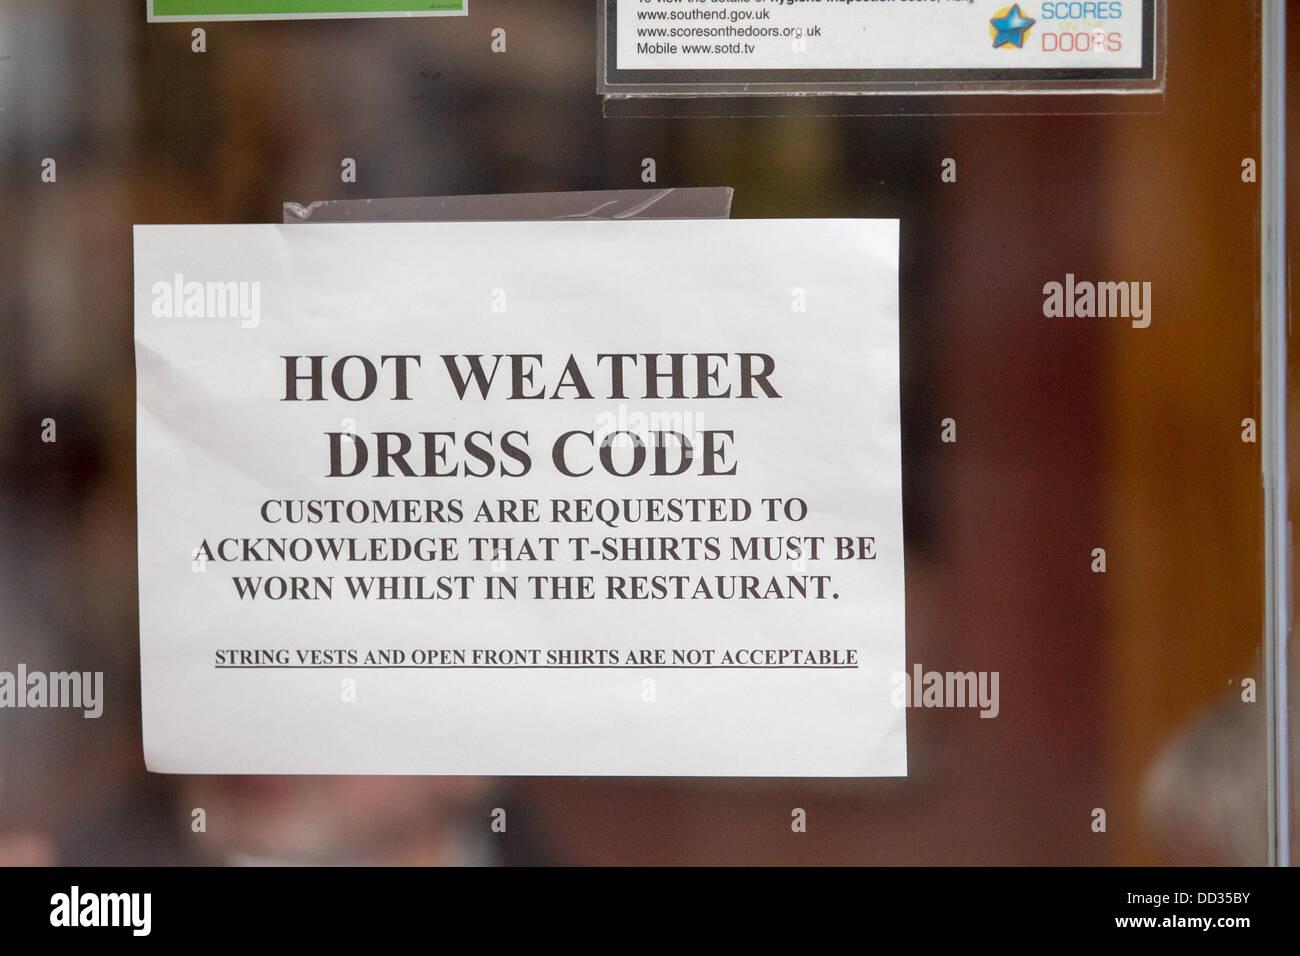 Dress Code Sign Stock Photos & Dress Code Sign Stock Images